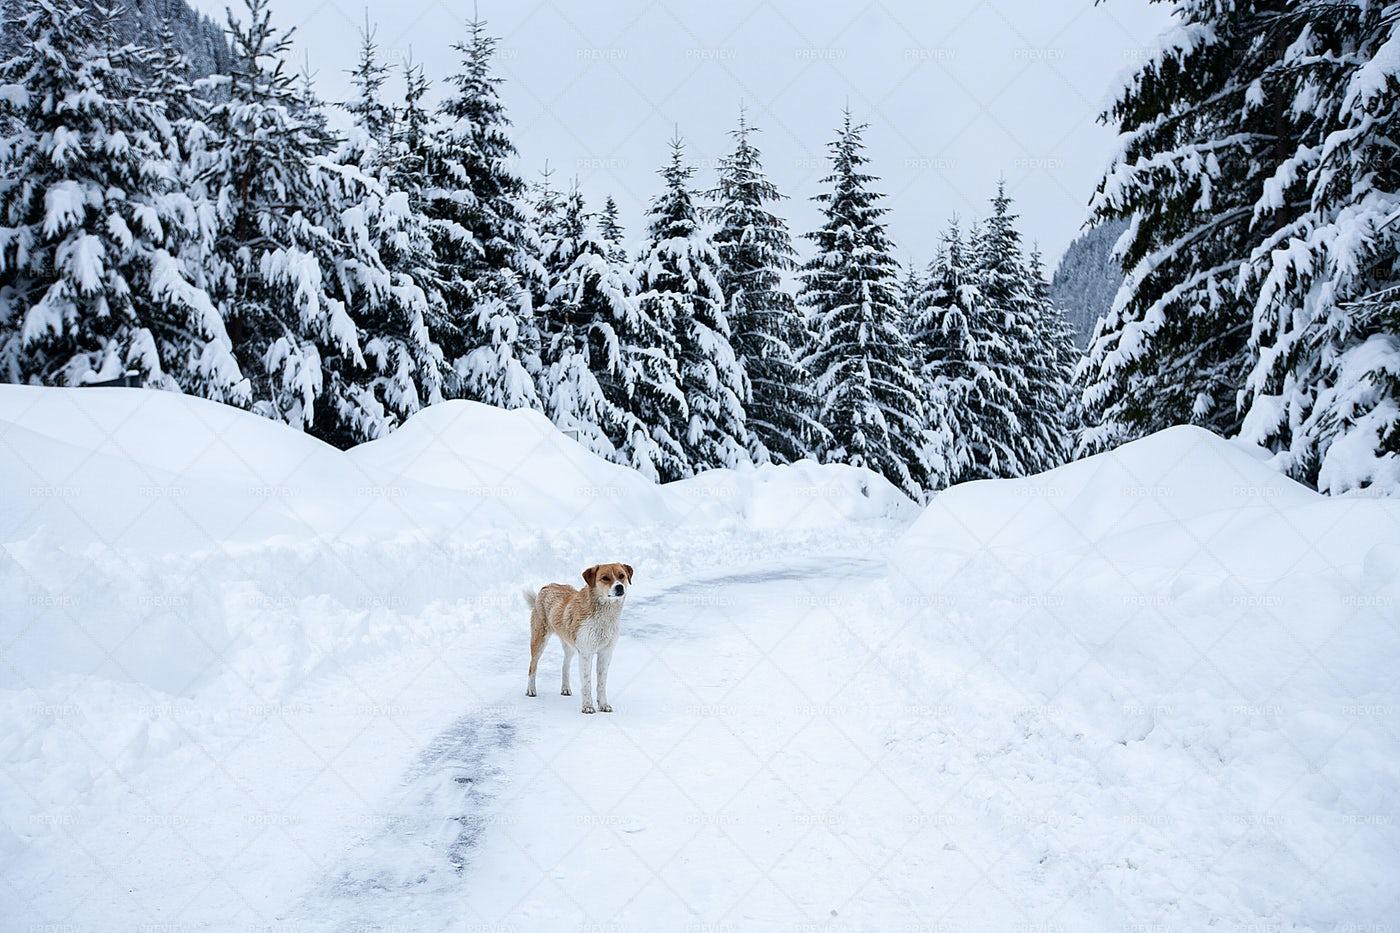 Dog And Wonderland Landscape: Stock Photos